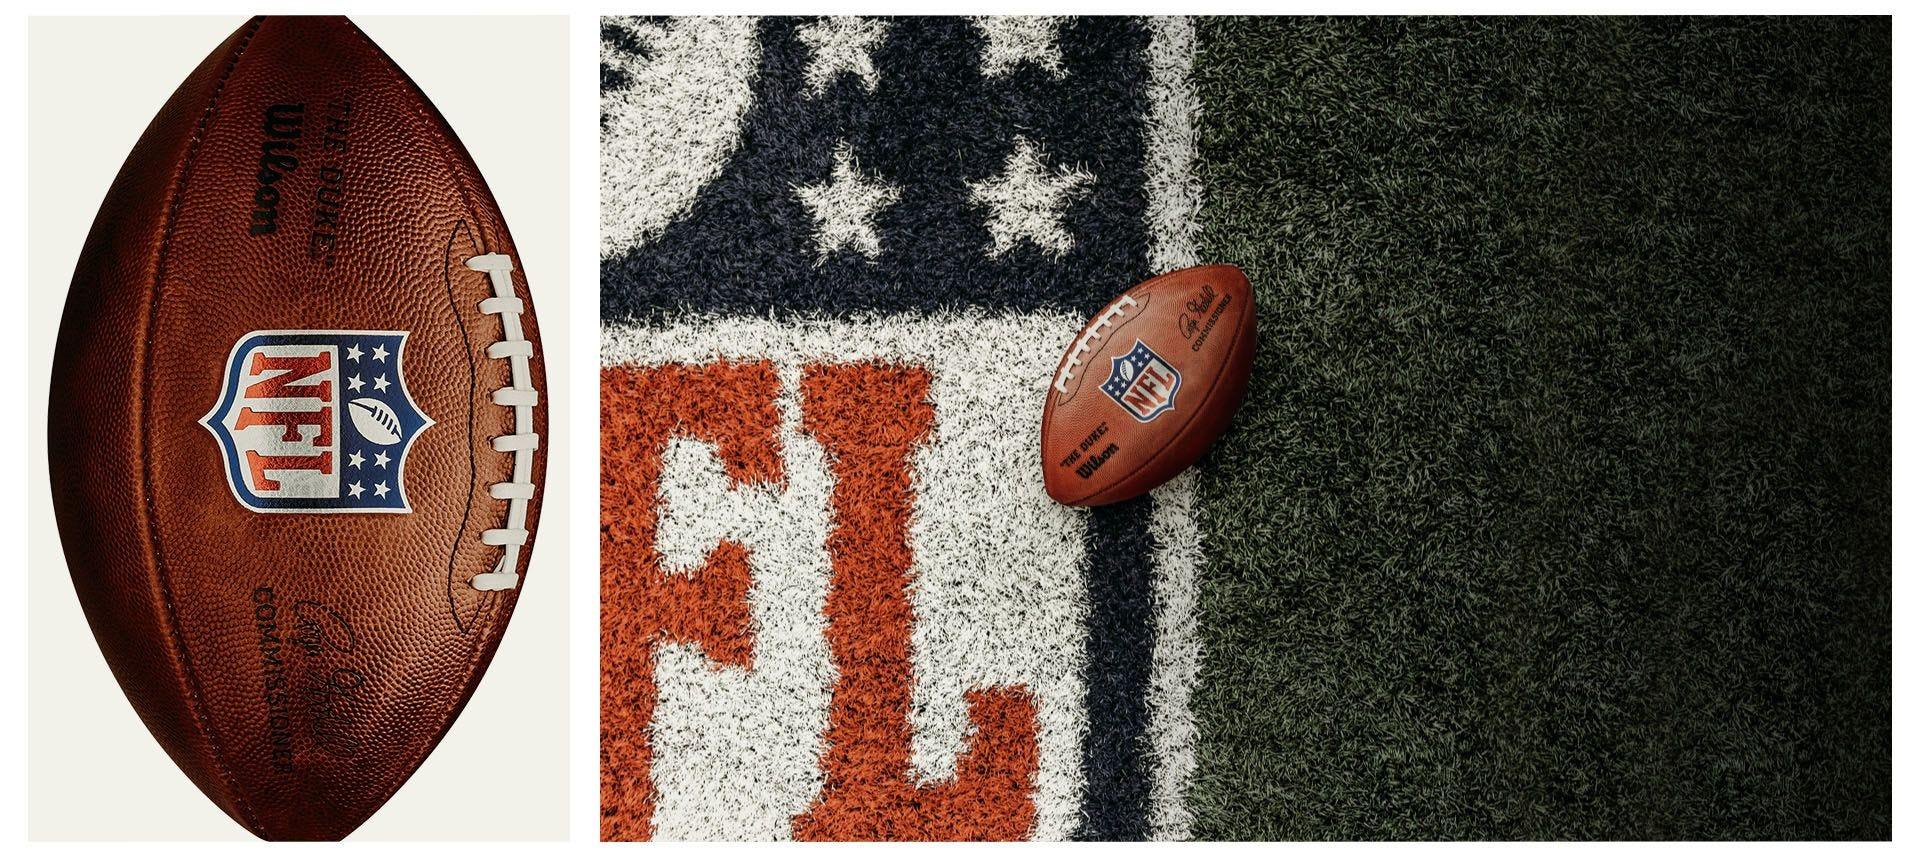 Wilson NFL Duke Official Football